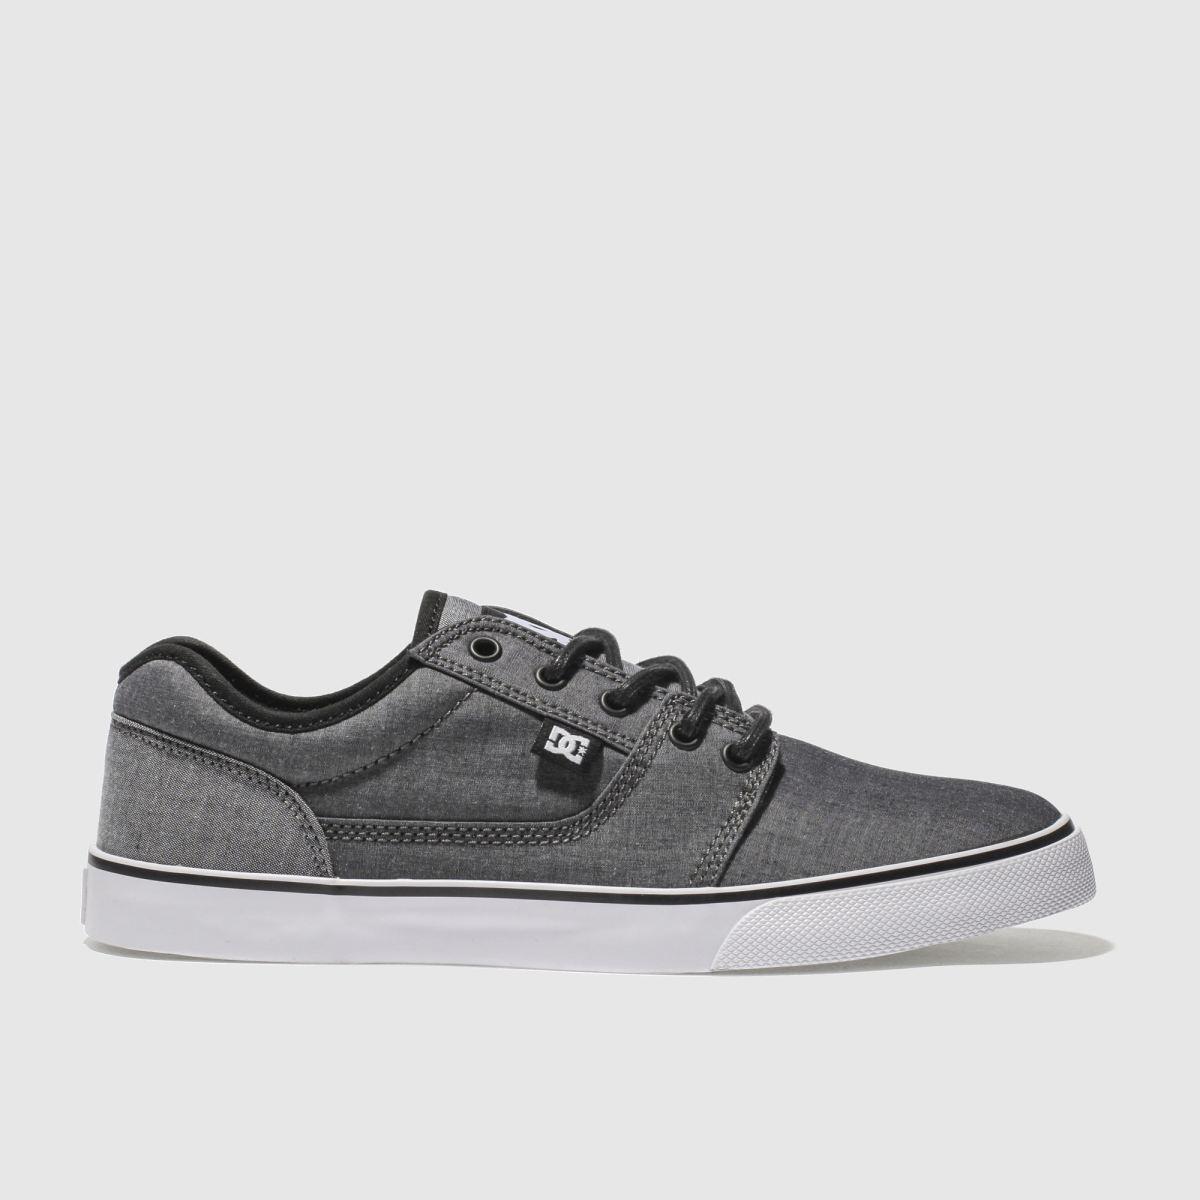 dc shoes Dc Shoes Grey Tonik Tx Se Trainers